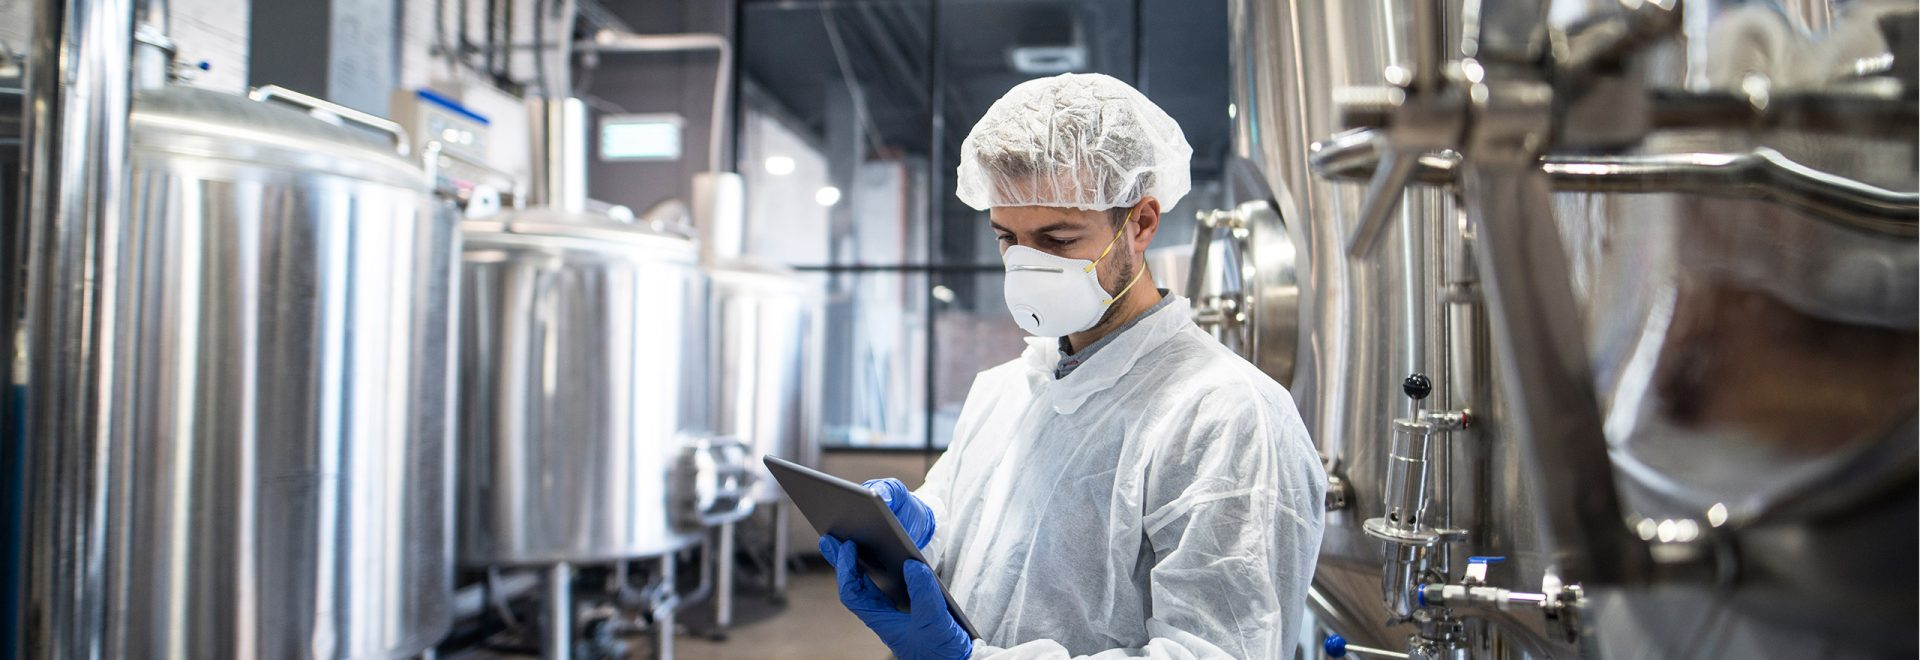 labor-sicherheit-it-industrie-ondeso